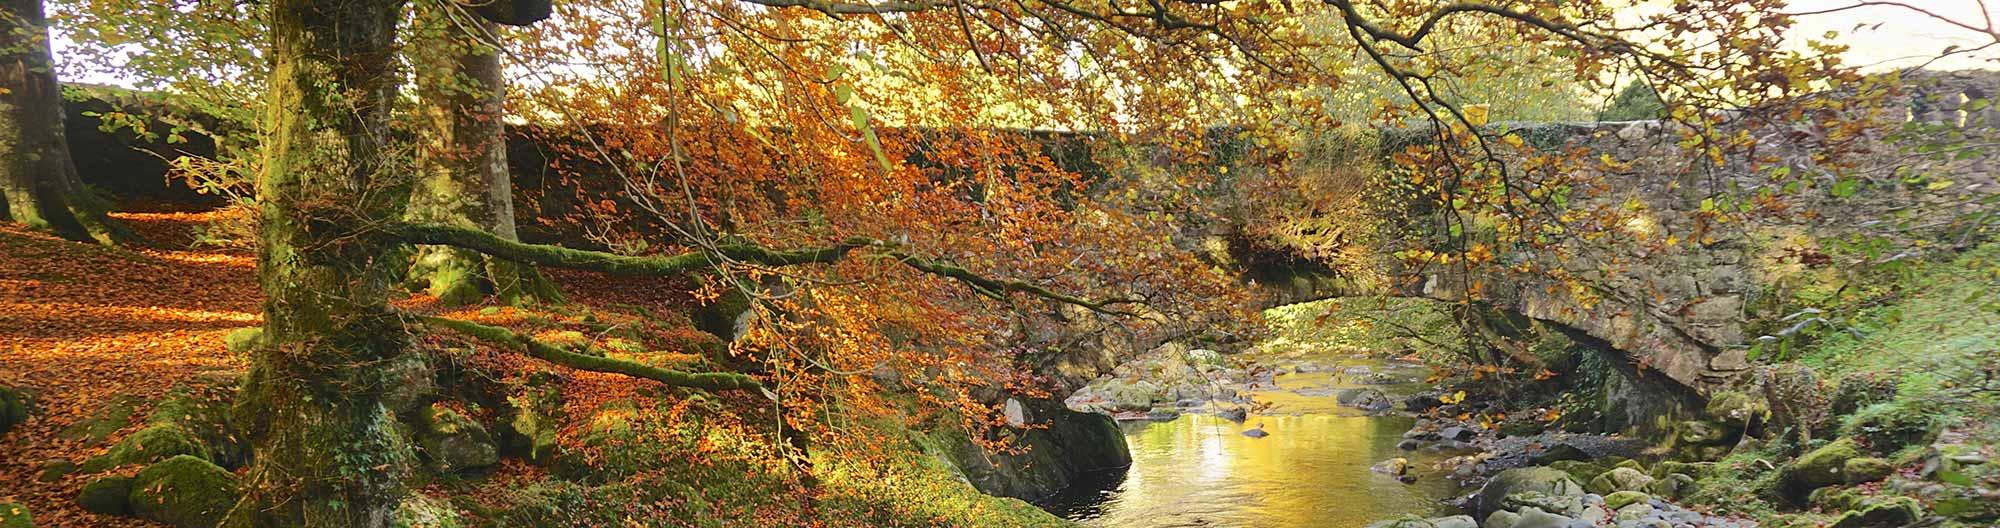 Torrent Walk in Autumn